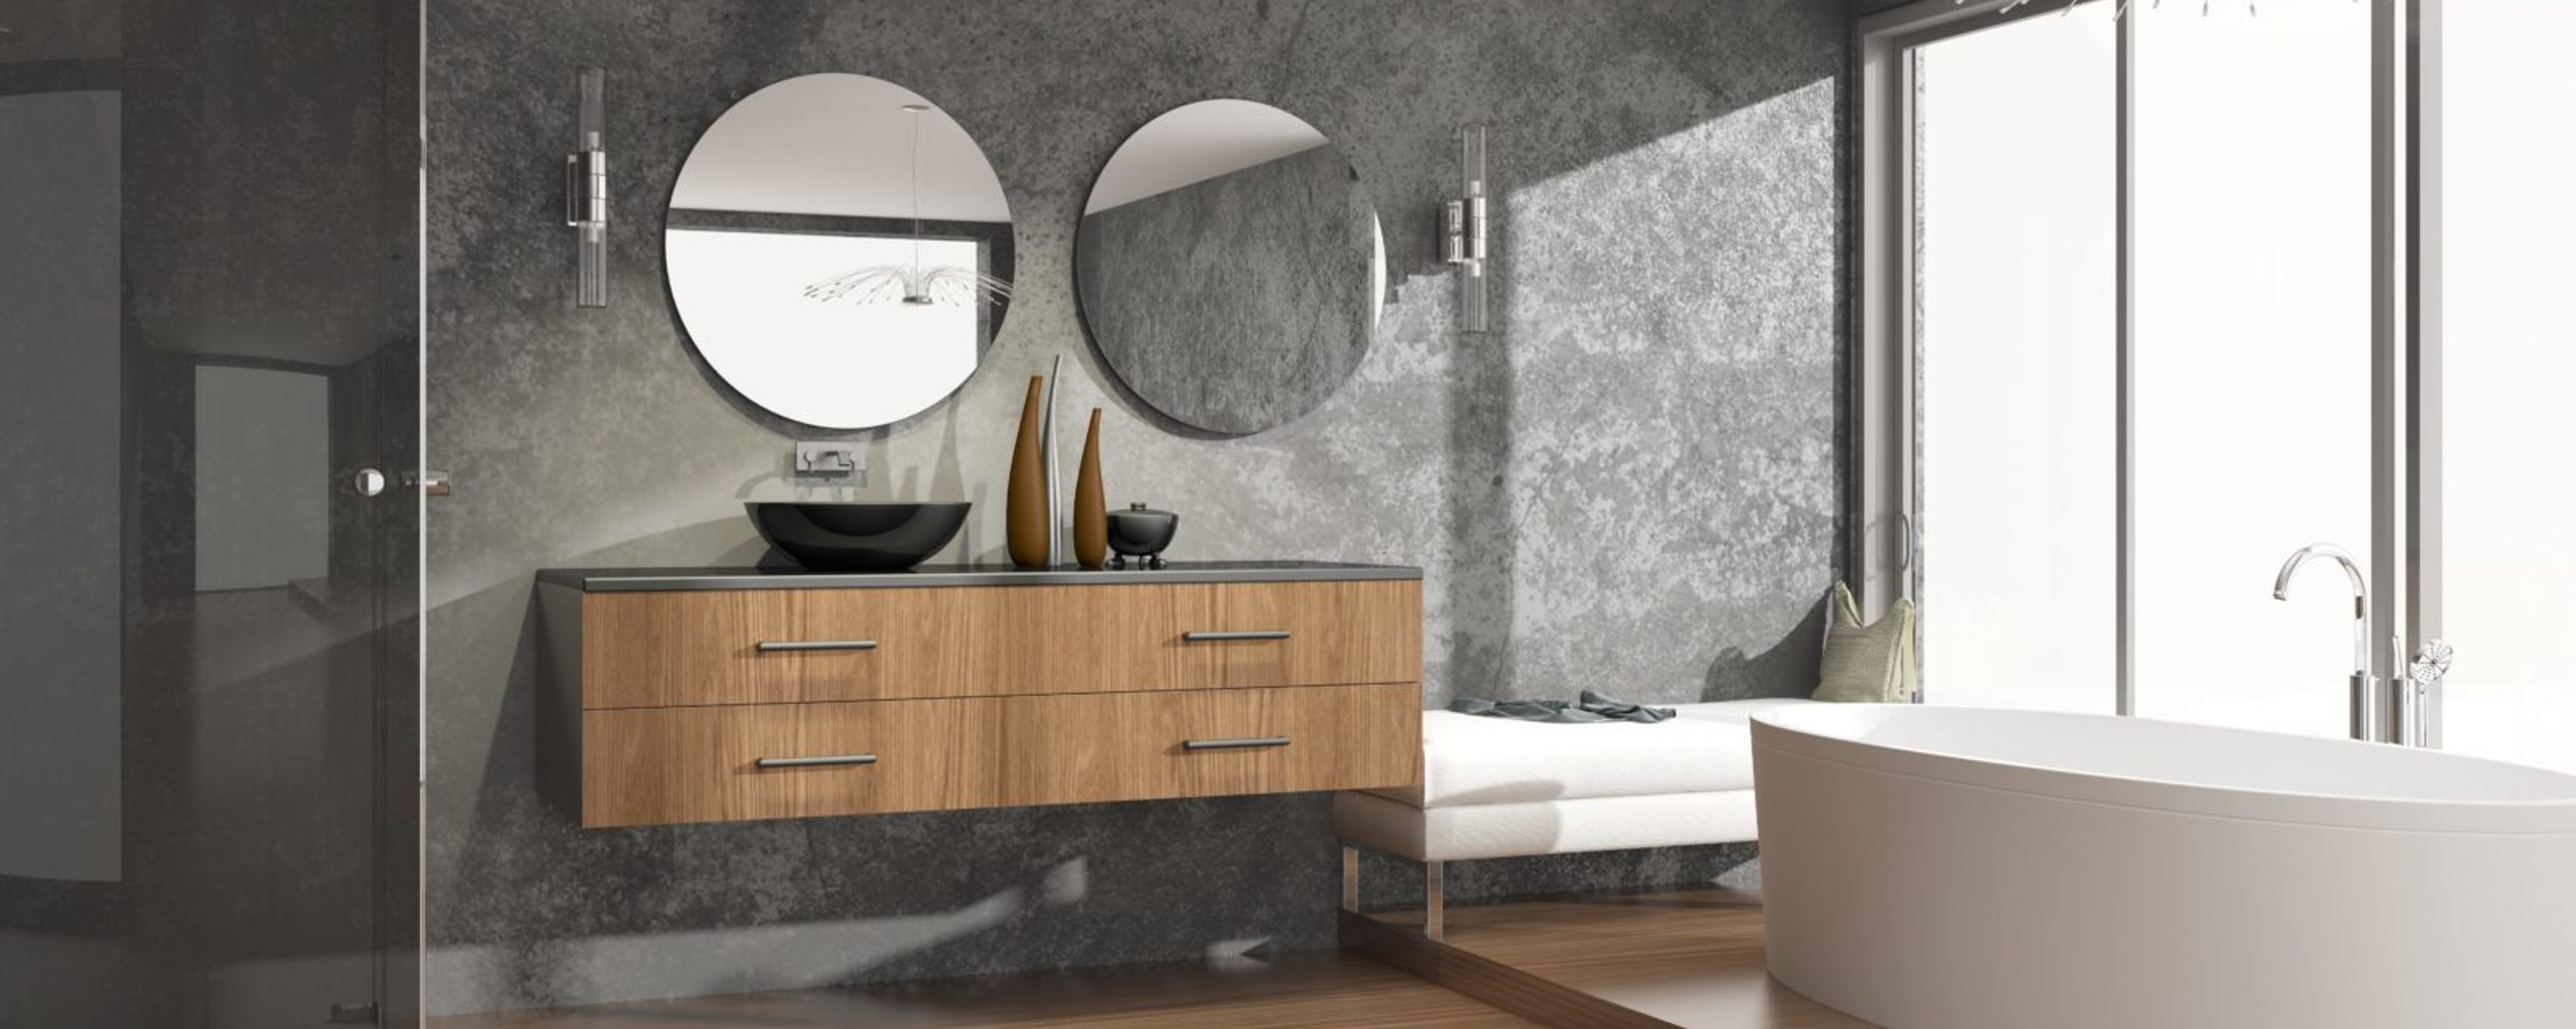 Meubles Salle De Bain Personnes Handicapées aménagement de salle de bain : comment aménager sa salle de bain